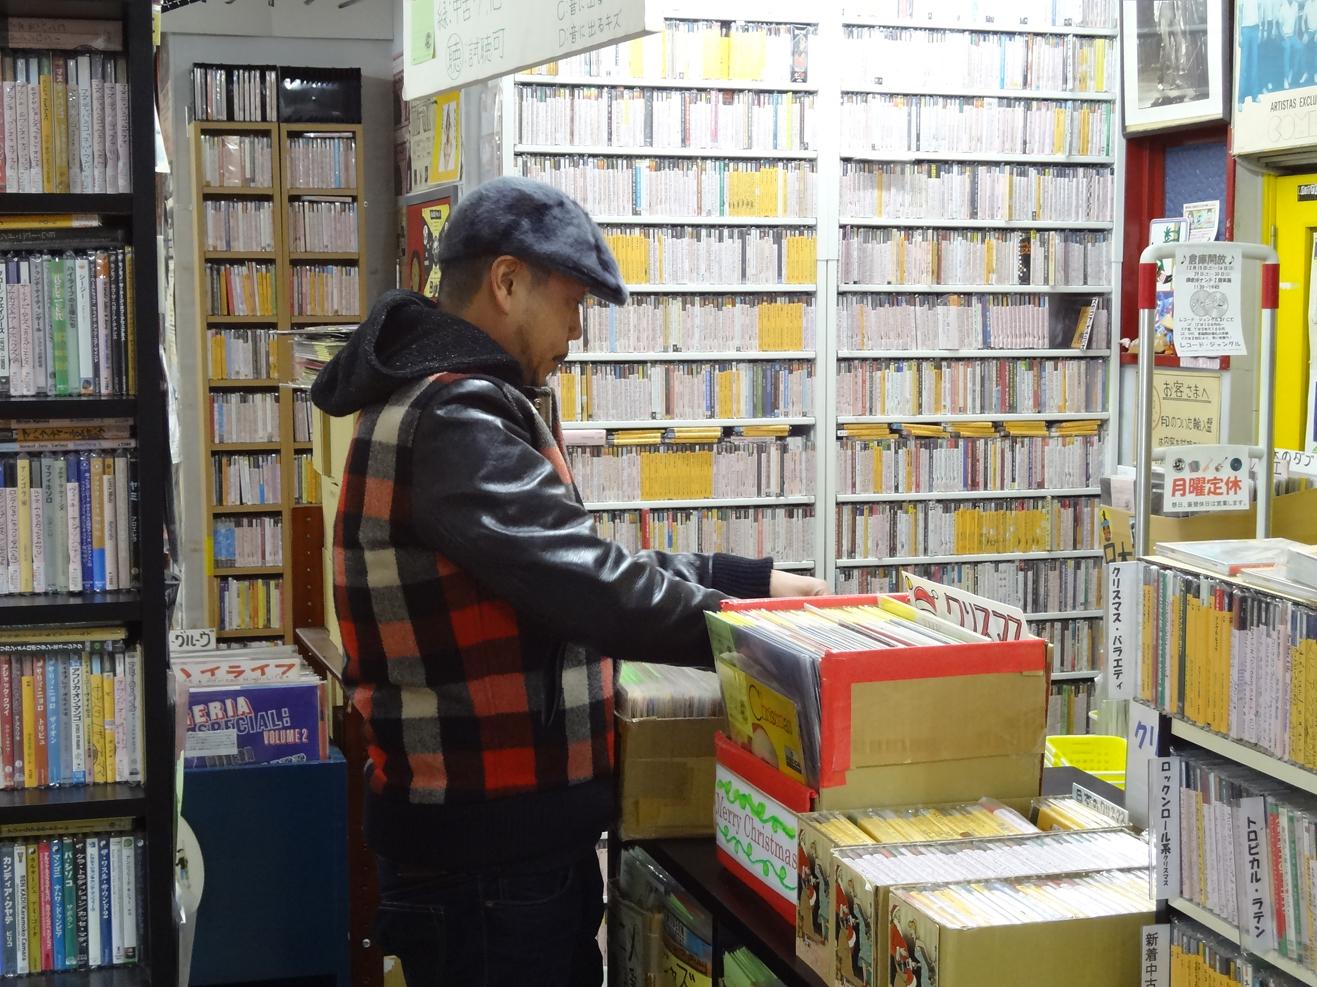 20121208驥第イ「蜷榊商螻欺DSC00940.JPG